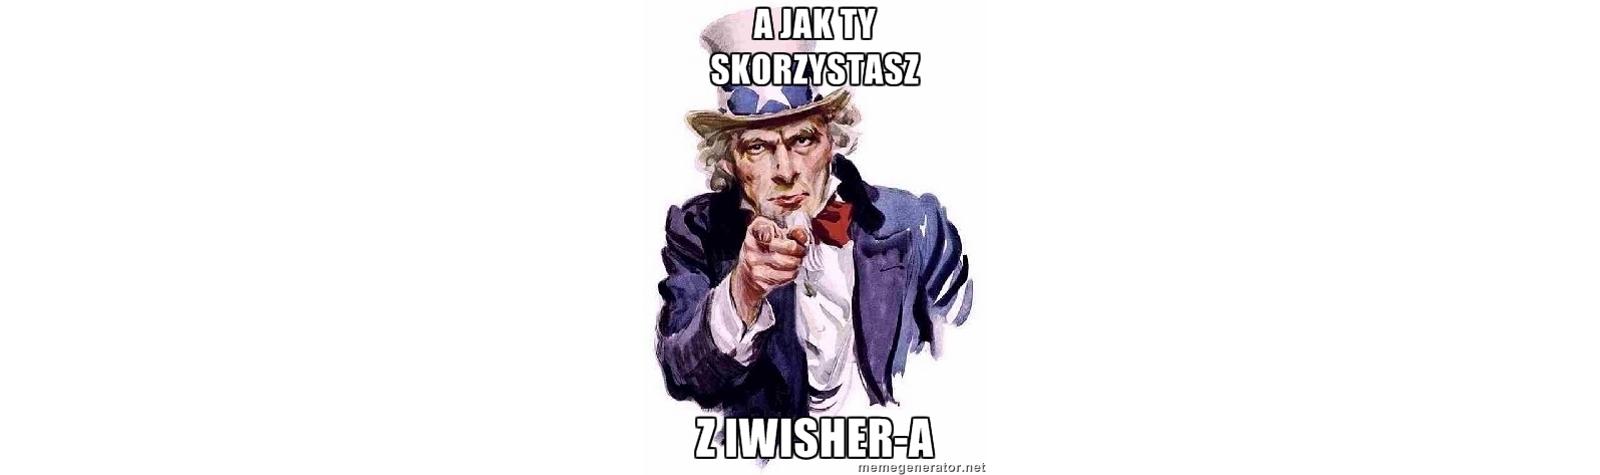 Jak korzystasz z iWishera?